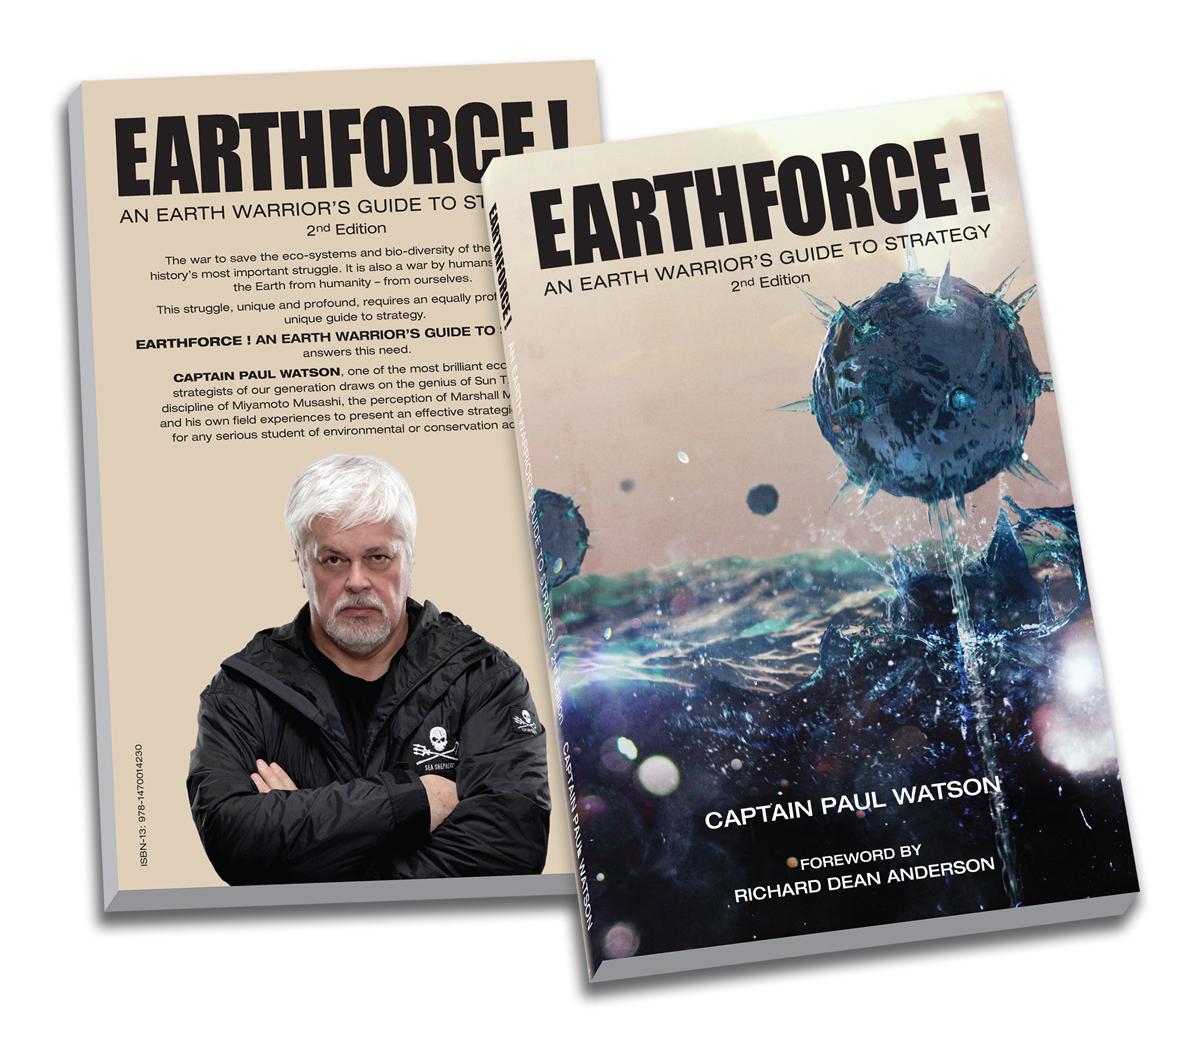 Earthforce! 2nd Edition